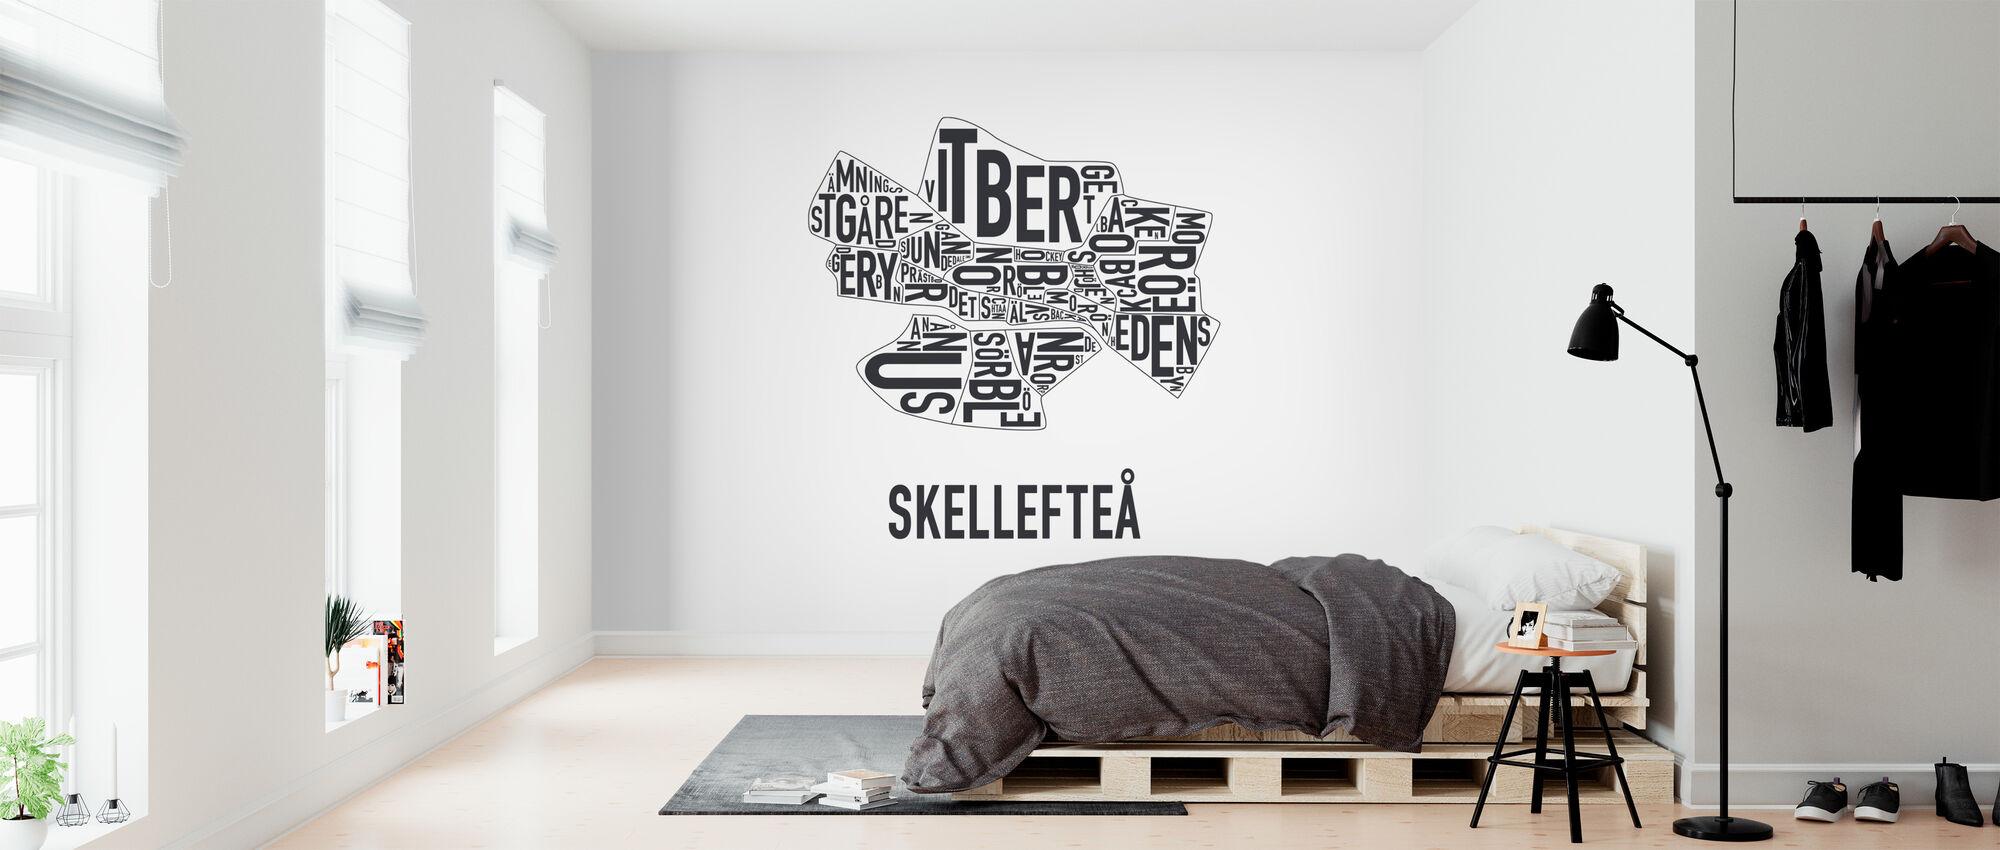 Skellefteå - Tapetti - Makuuhuone